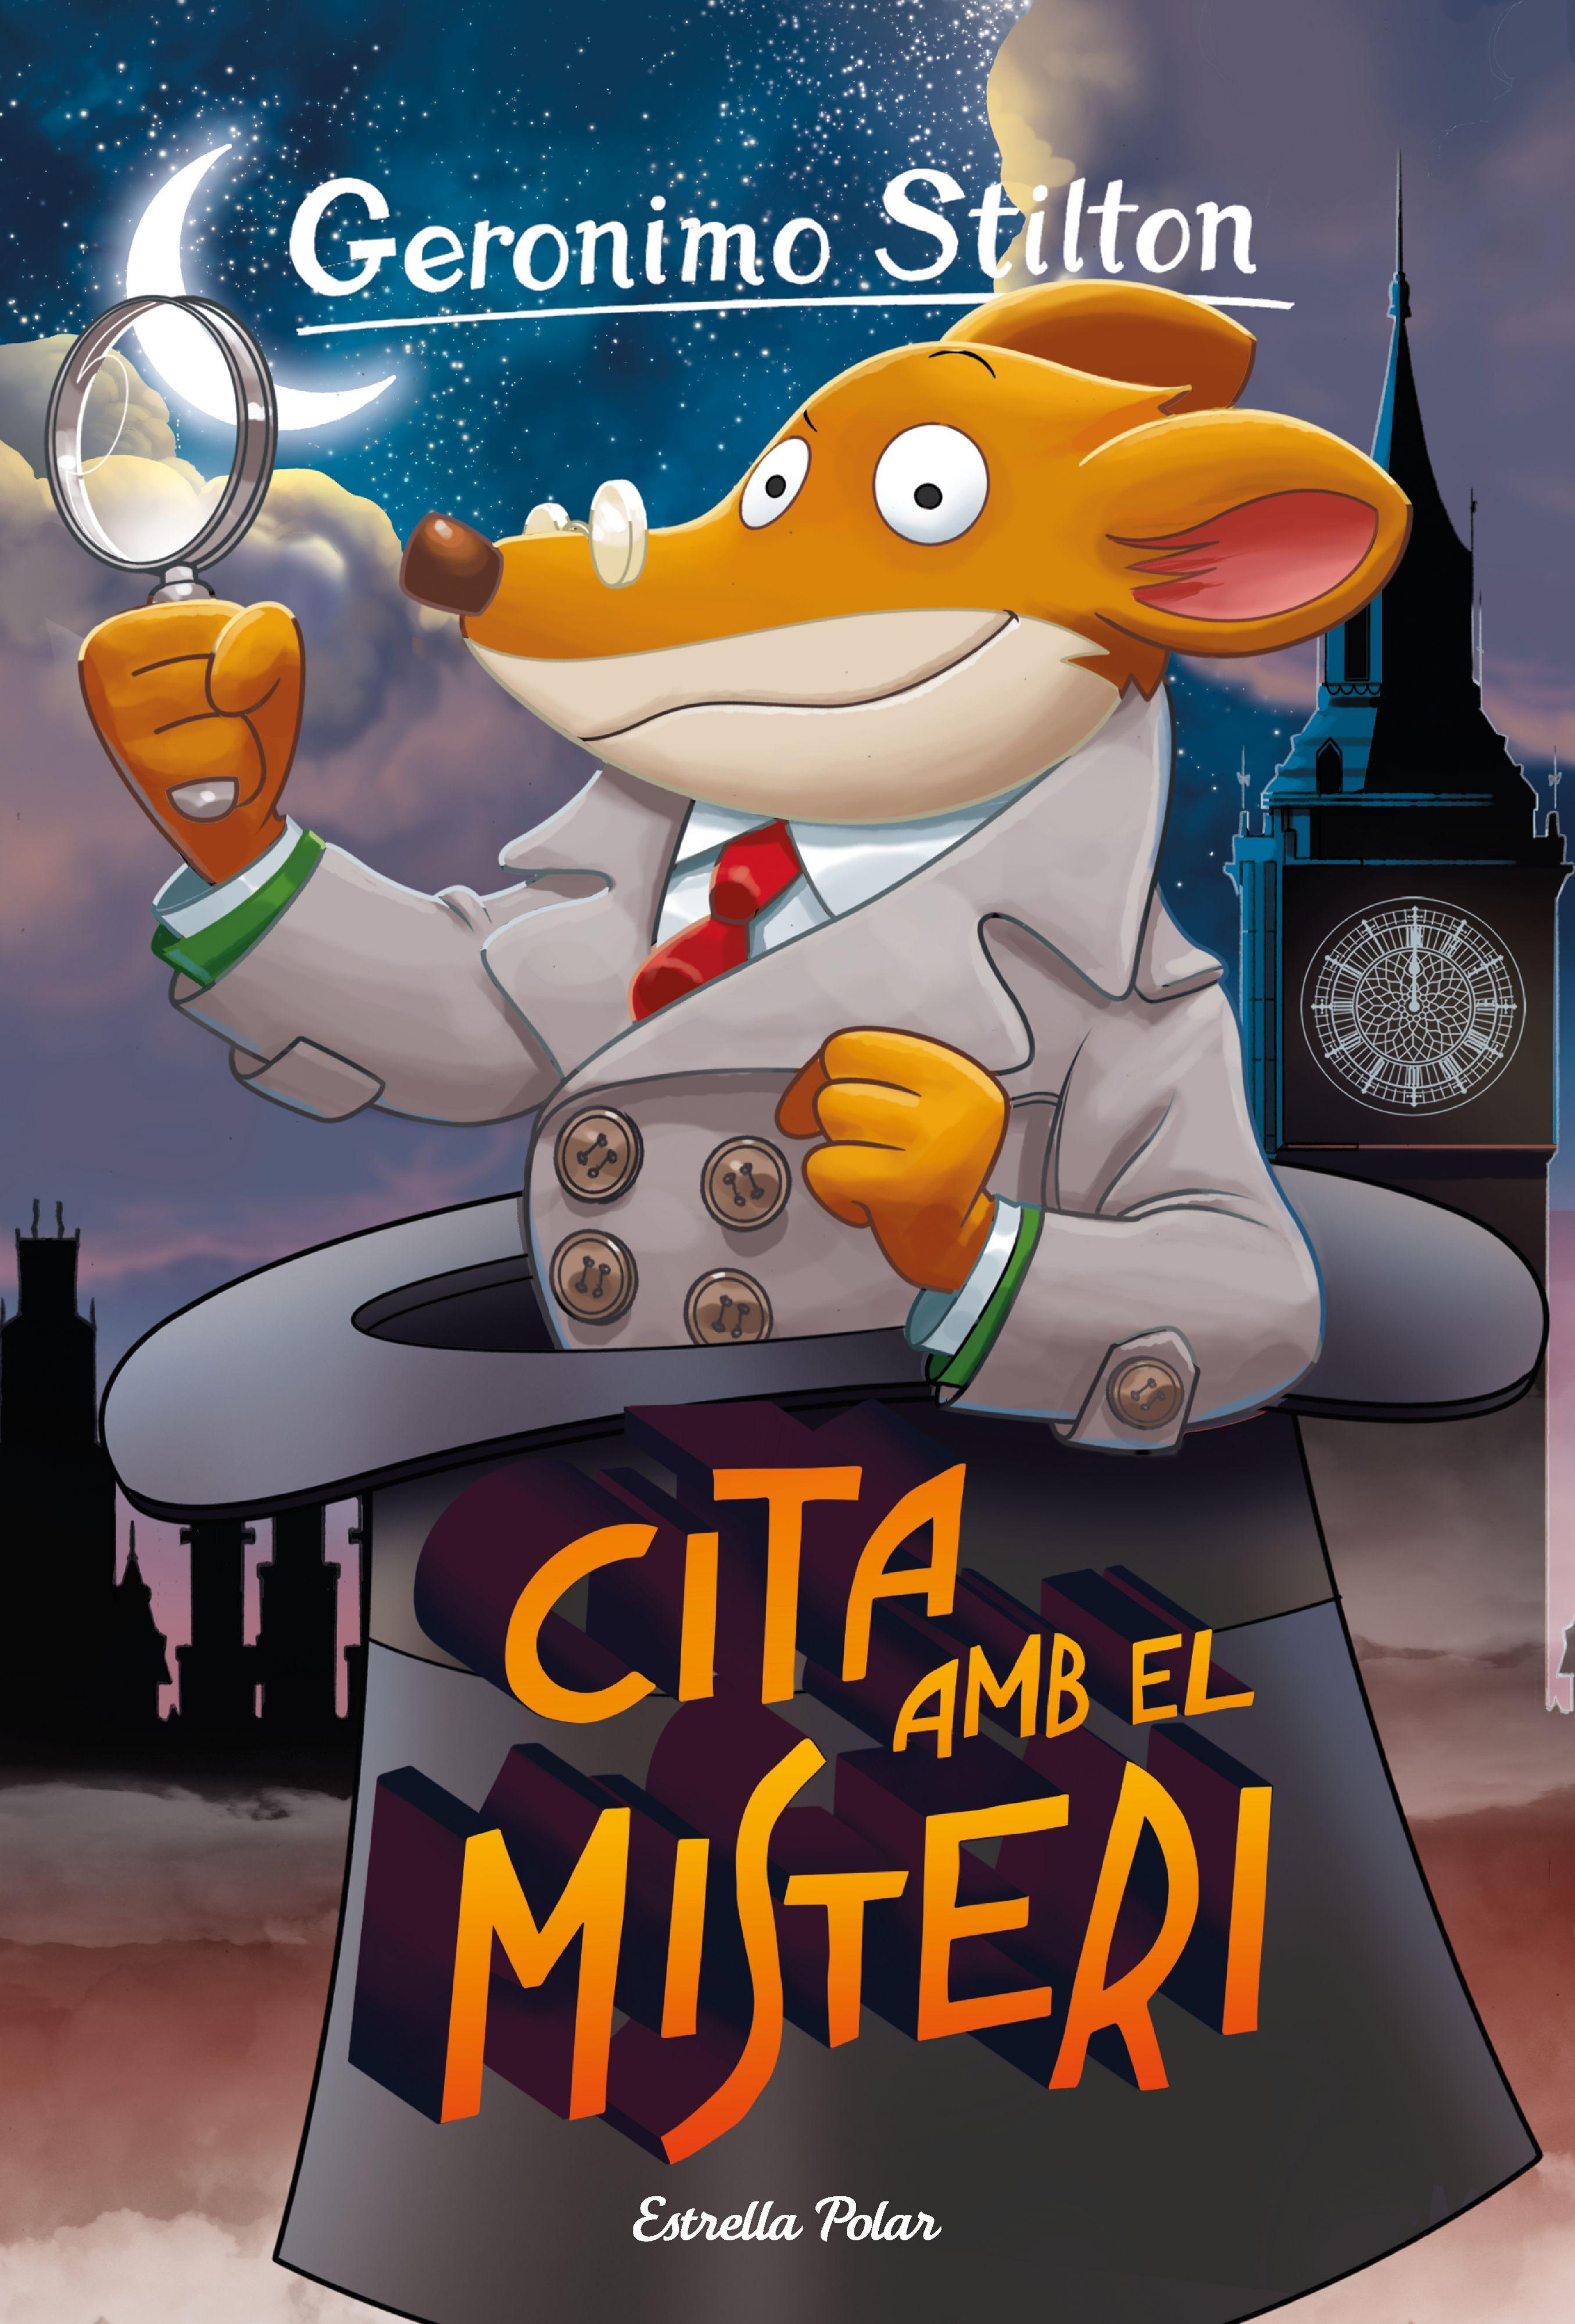 GERONIMO STILTON 79 CITA AMB EL MISTERI